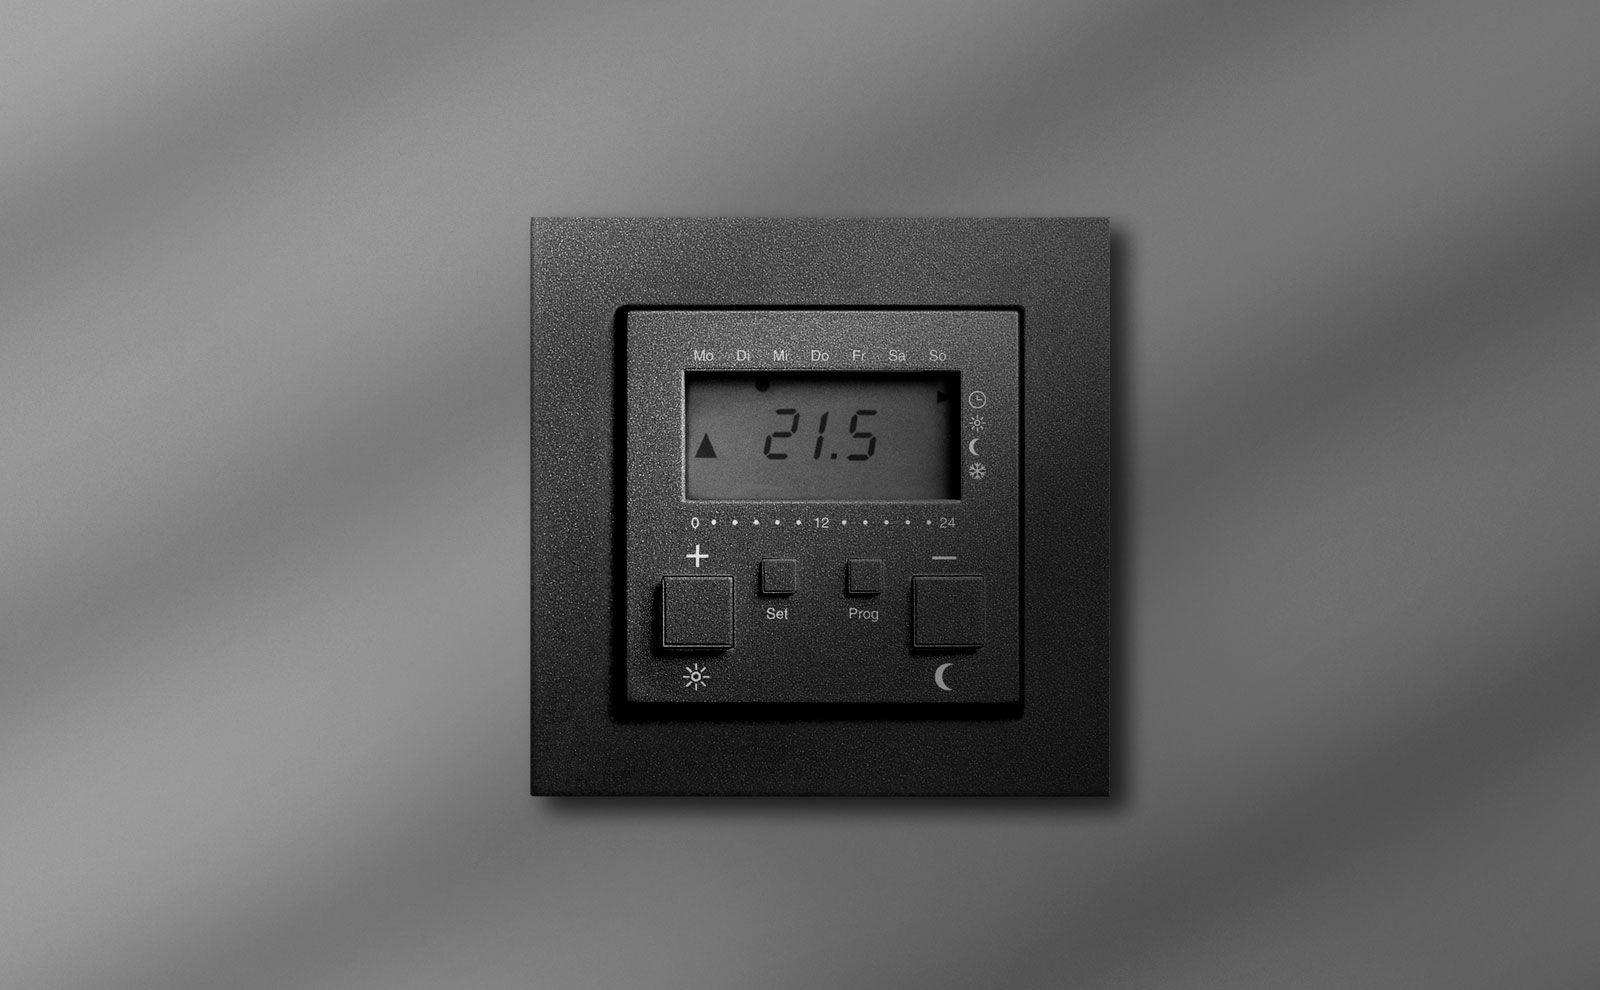 Gira Raumtemperatur-Regler an der Wand